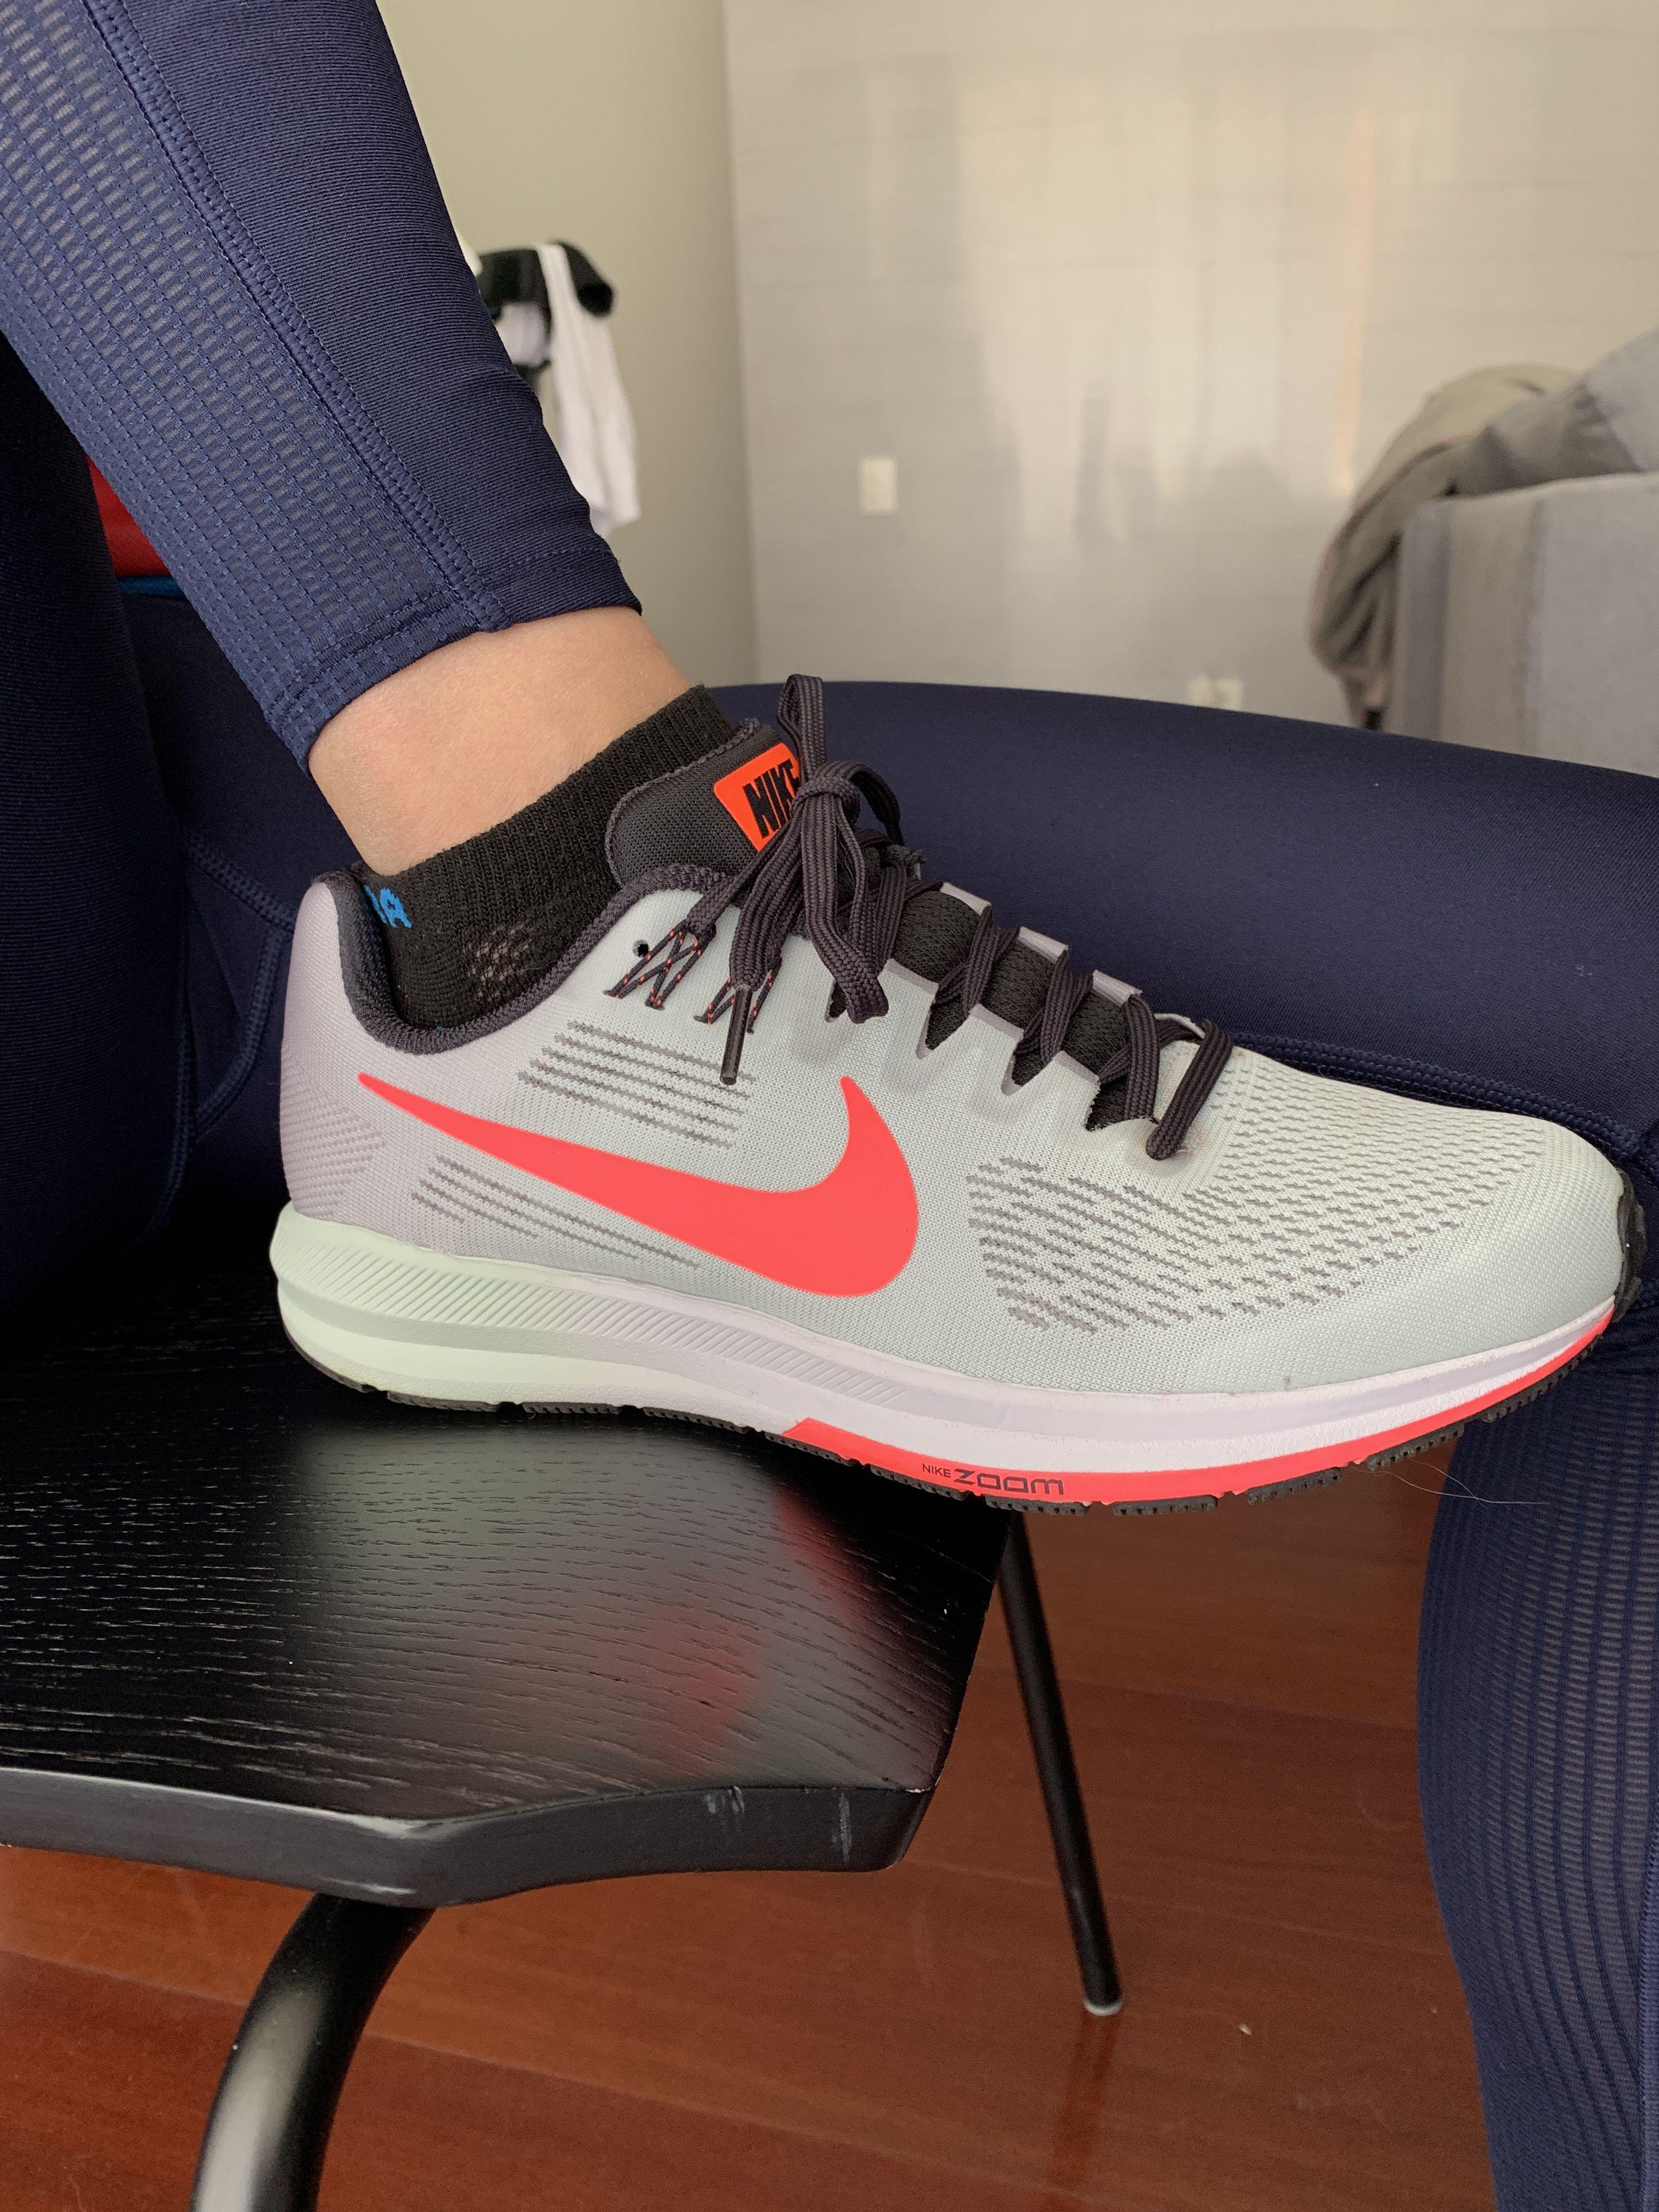 mejor baratas 1e038 45646 Diseñado para pie pronador   Running shoes   Disenos de unas